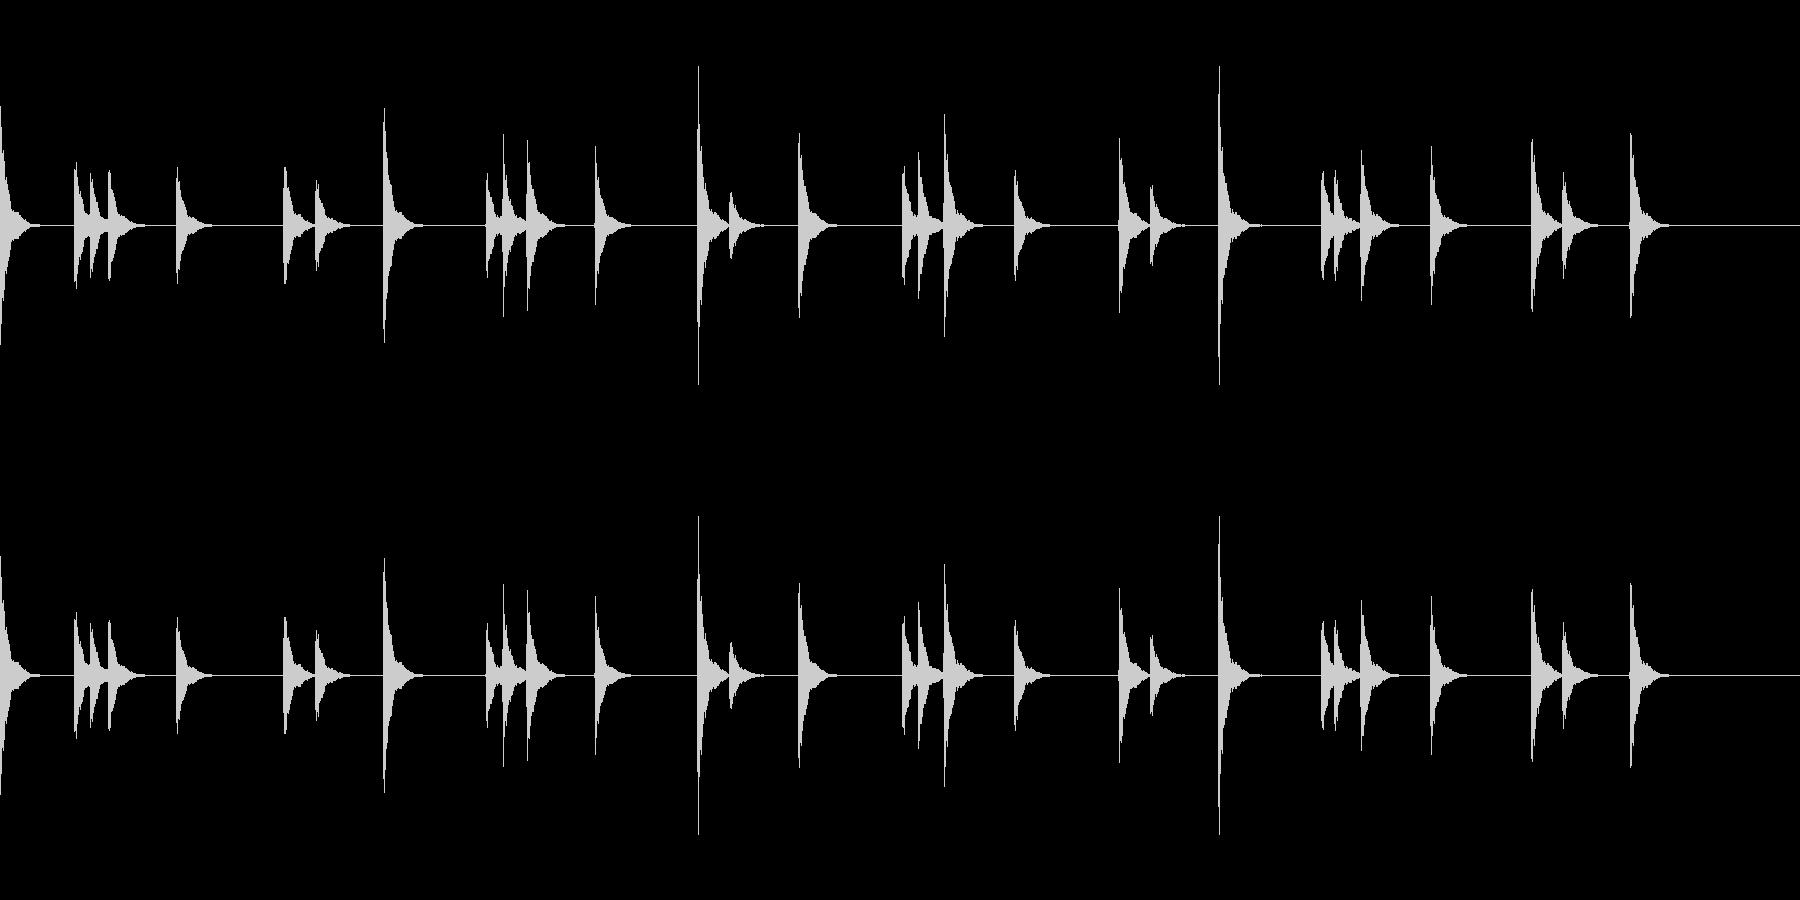 音侍SE お囃子祭りの当たり鉦のループ音の未再生の波形